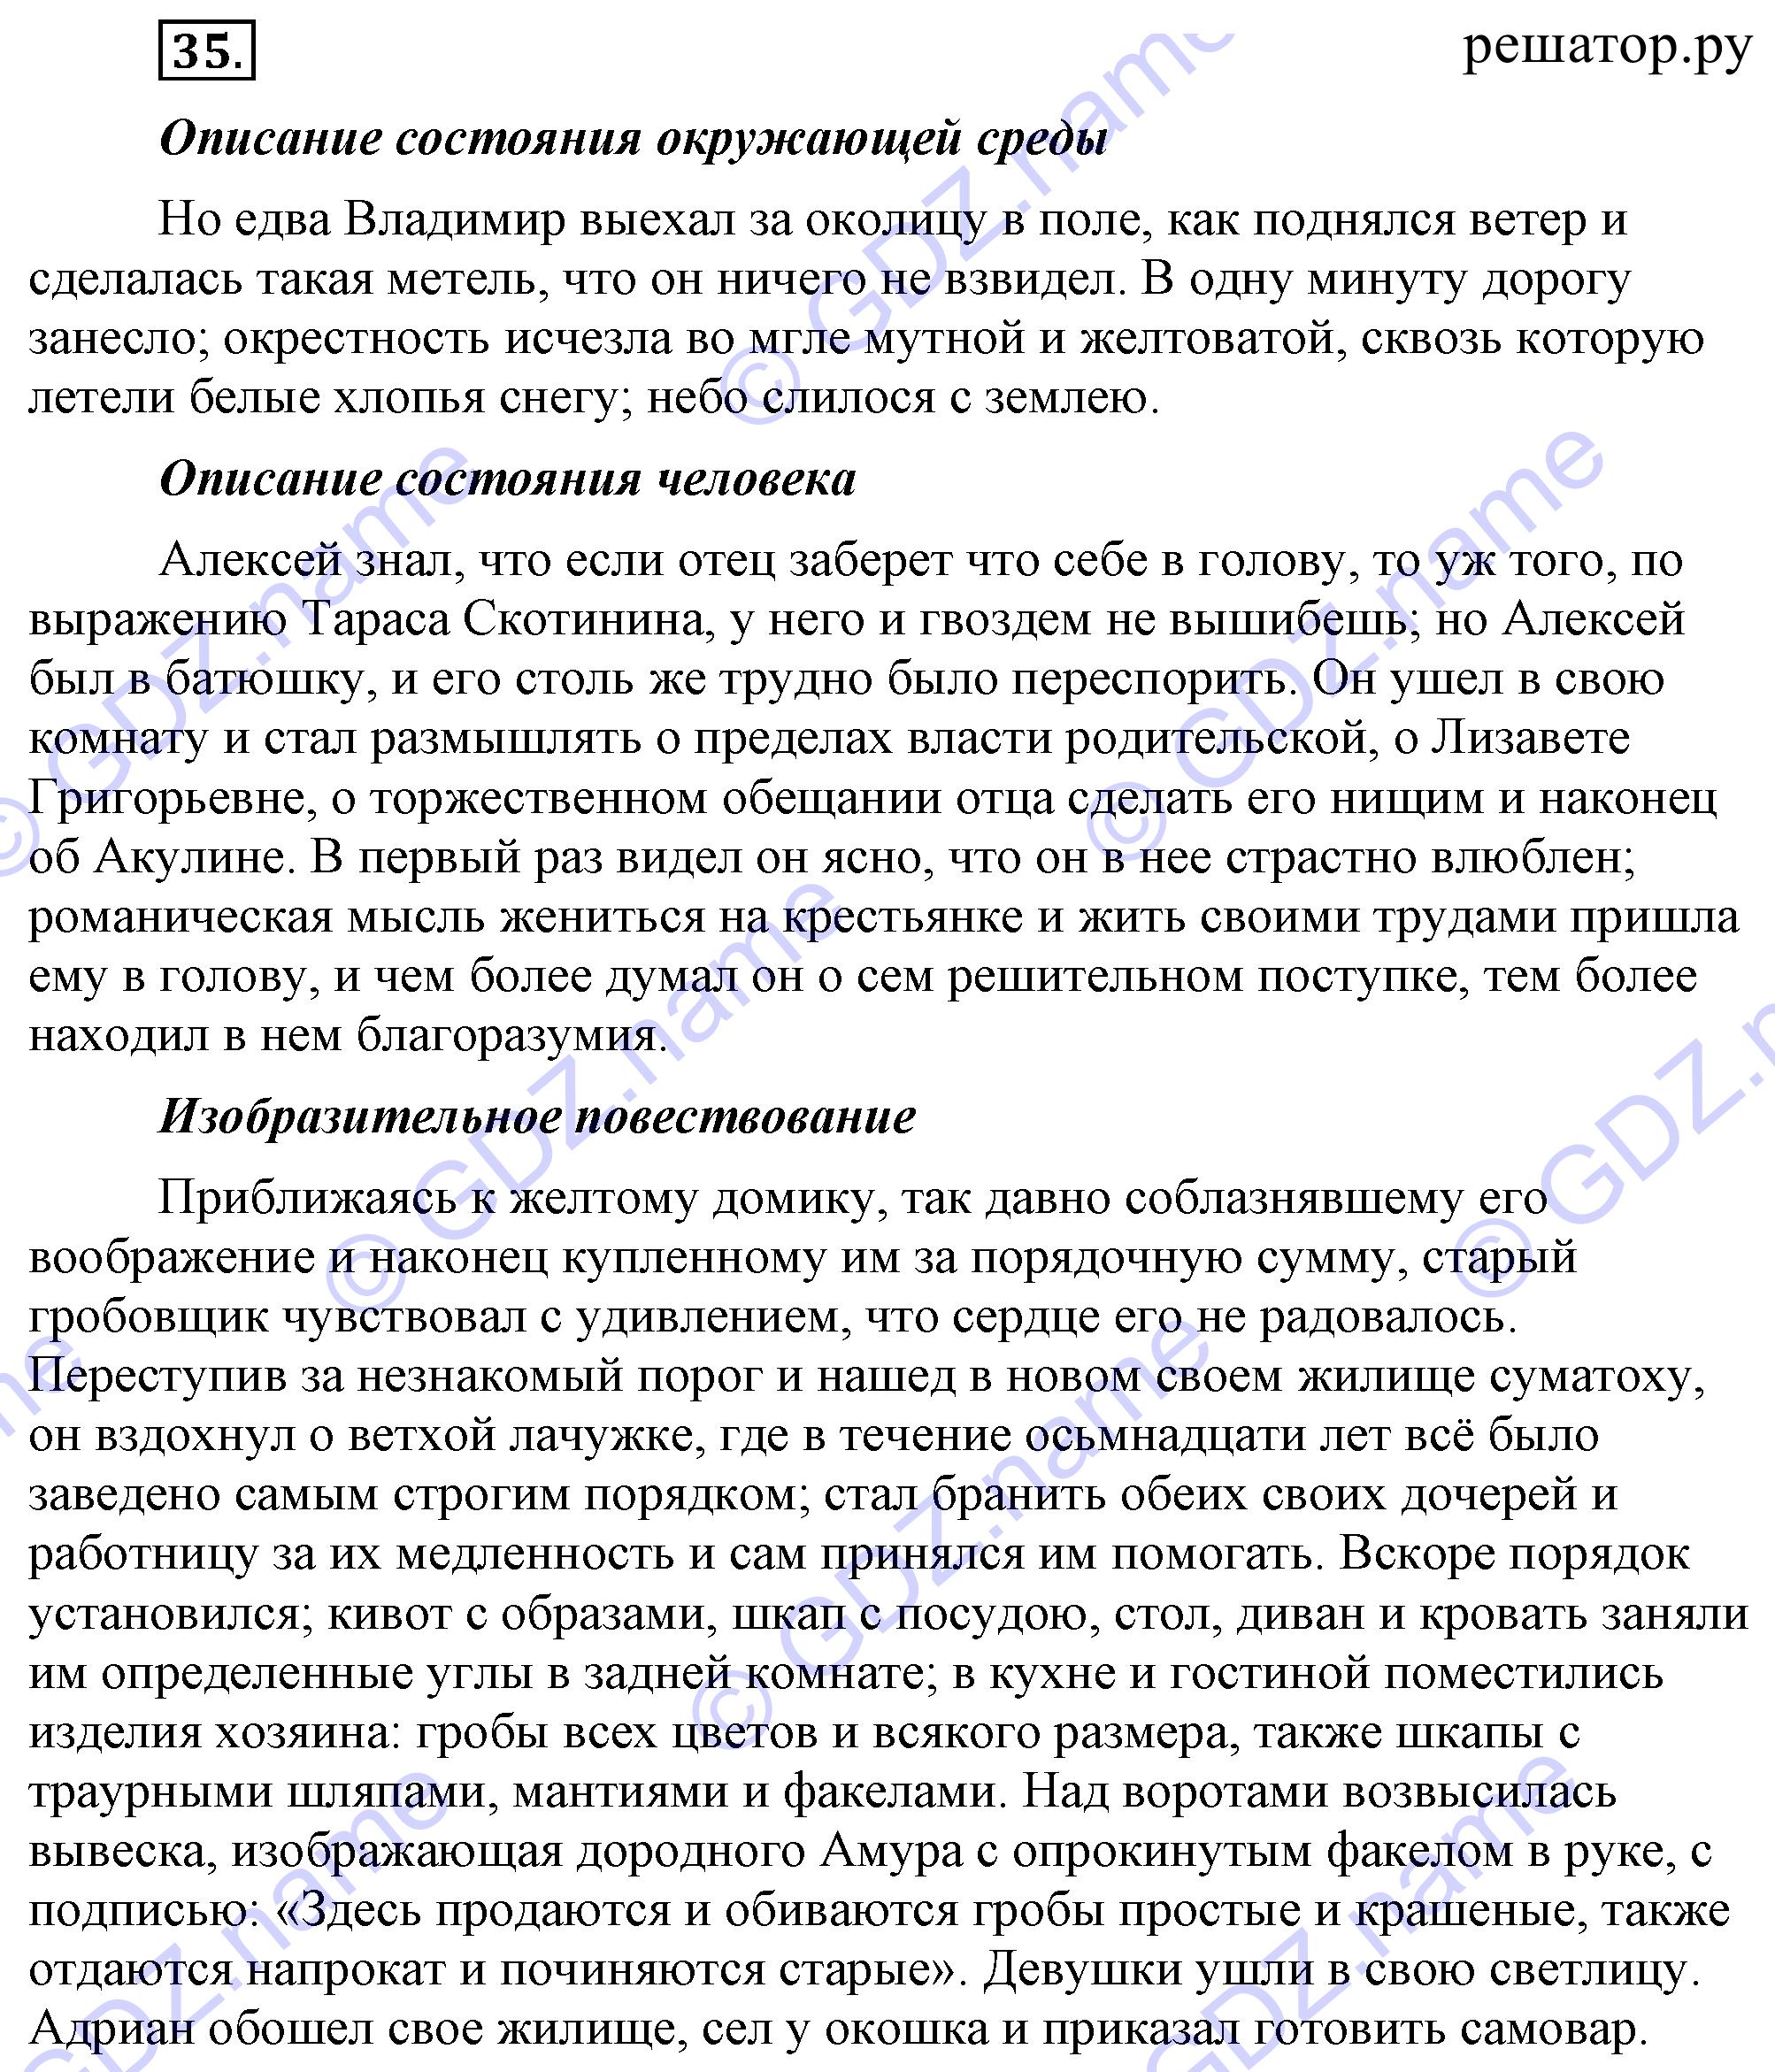 Выполнение дз по русскому языку 8 класс учебник разумовская 2018 год